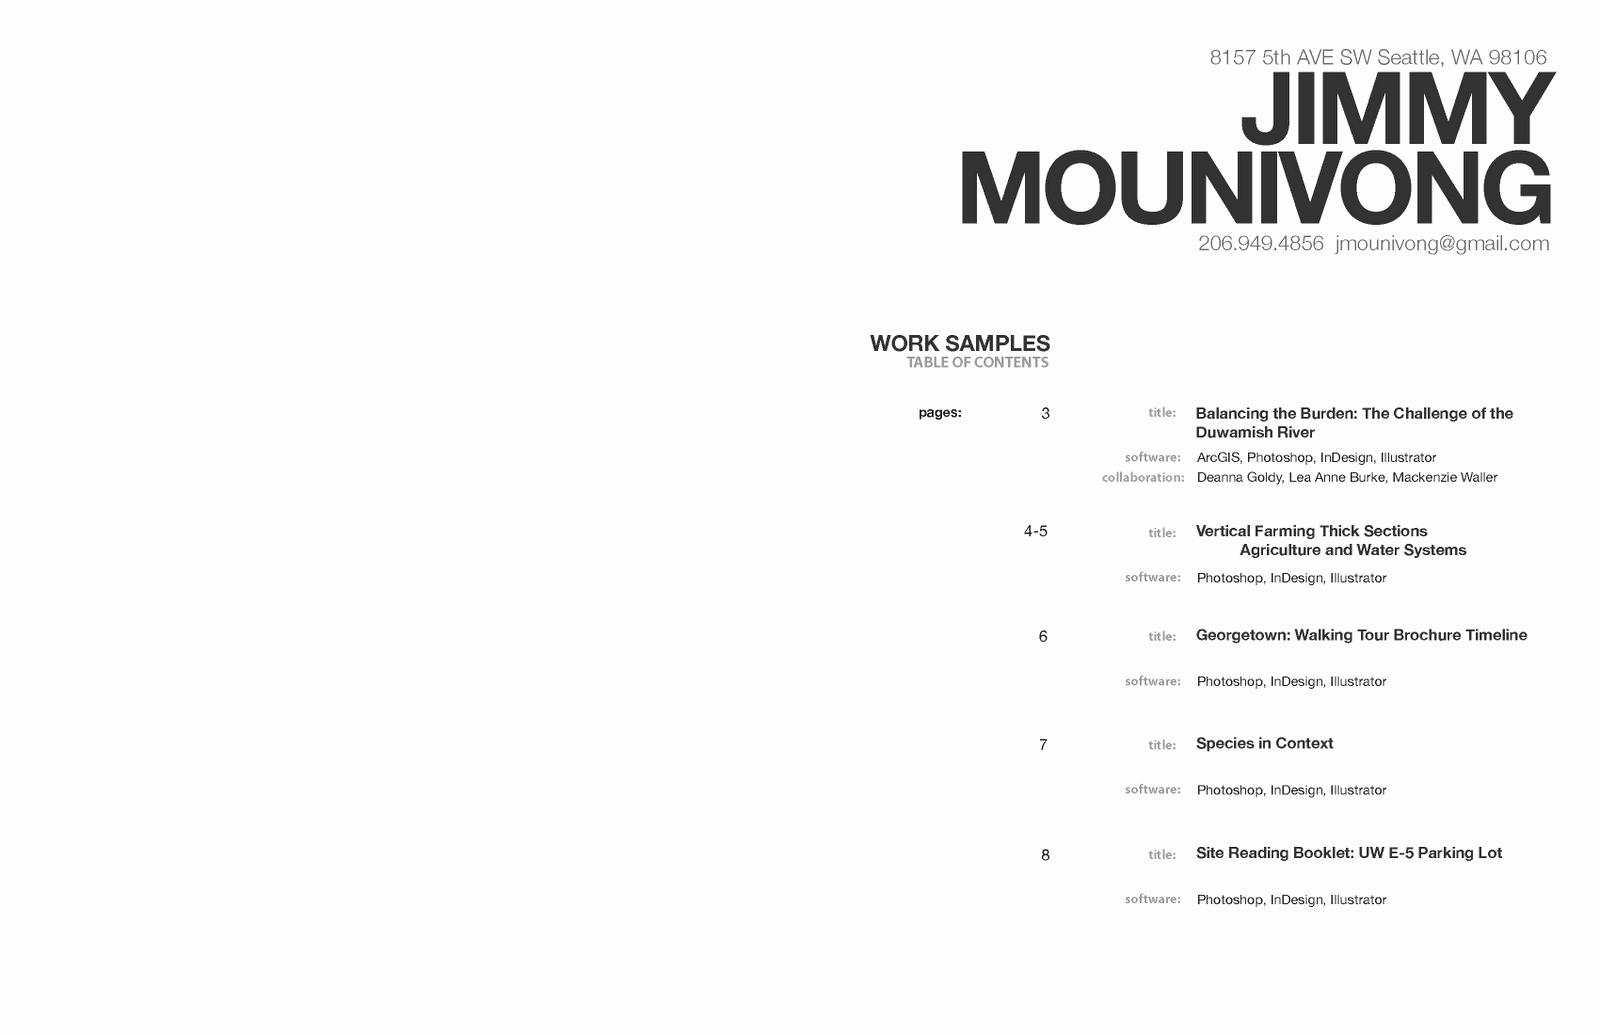 Jimmy Mounivong January 2011